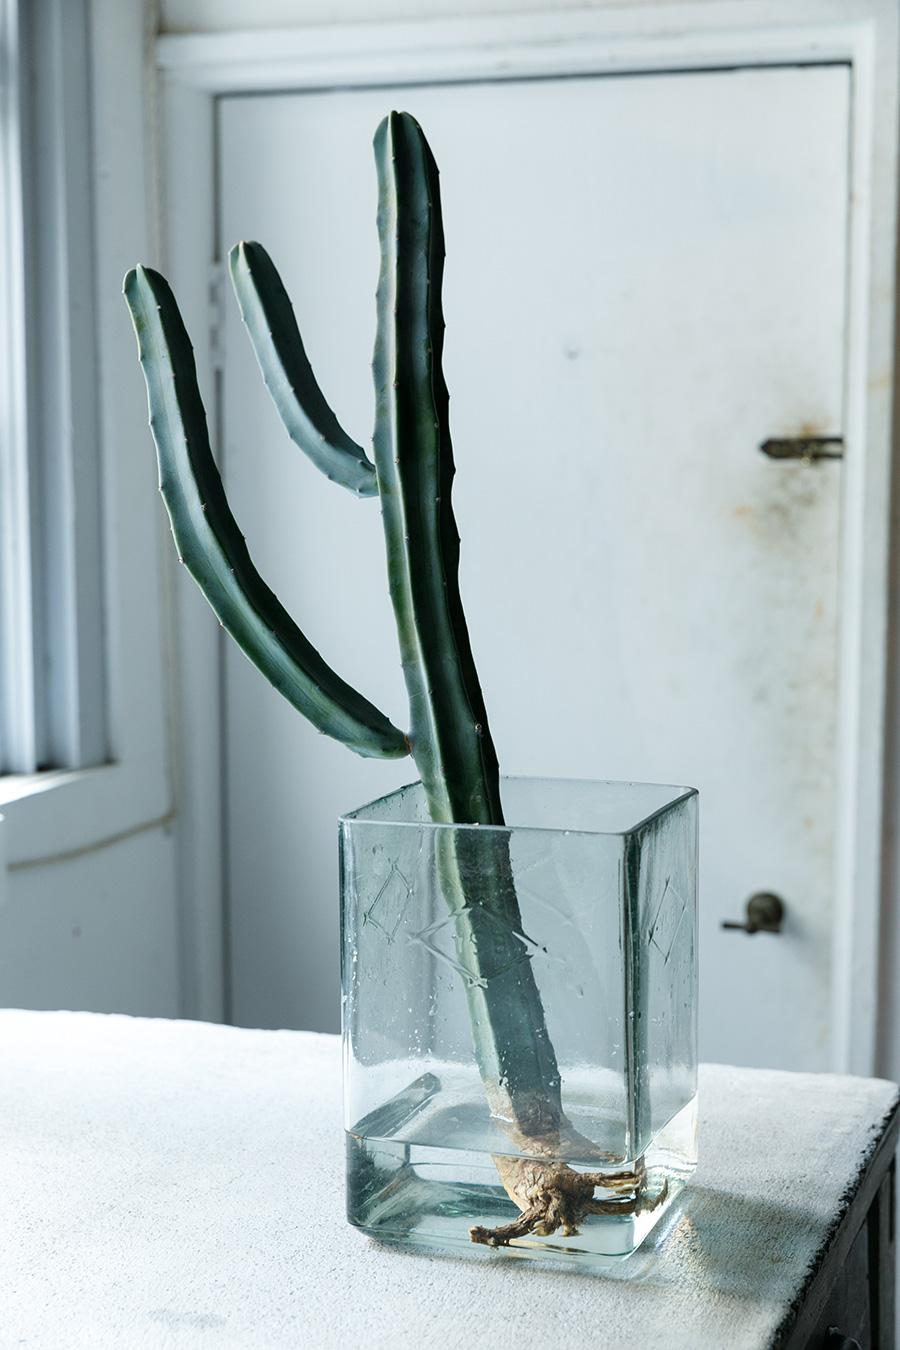 柱サボテンの水耕栽培はインパクト大。丈夫な柱サボテンは水耕栽培に向いている種類でもある。茎まで水に浸からないように水位を調節してあげよう。